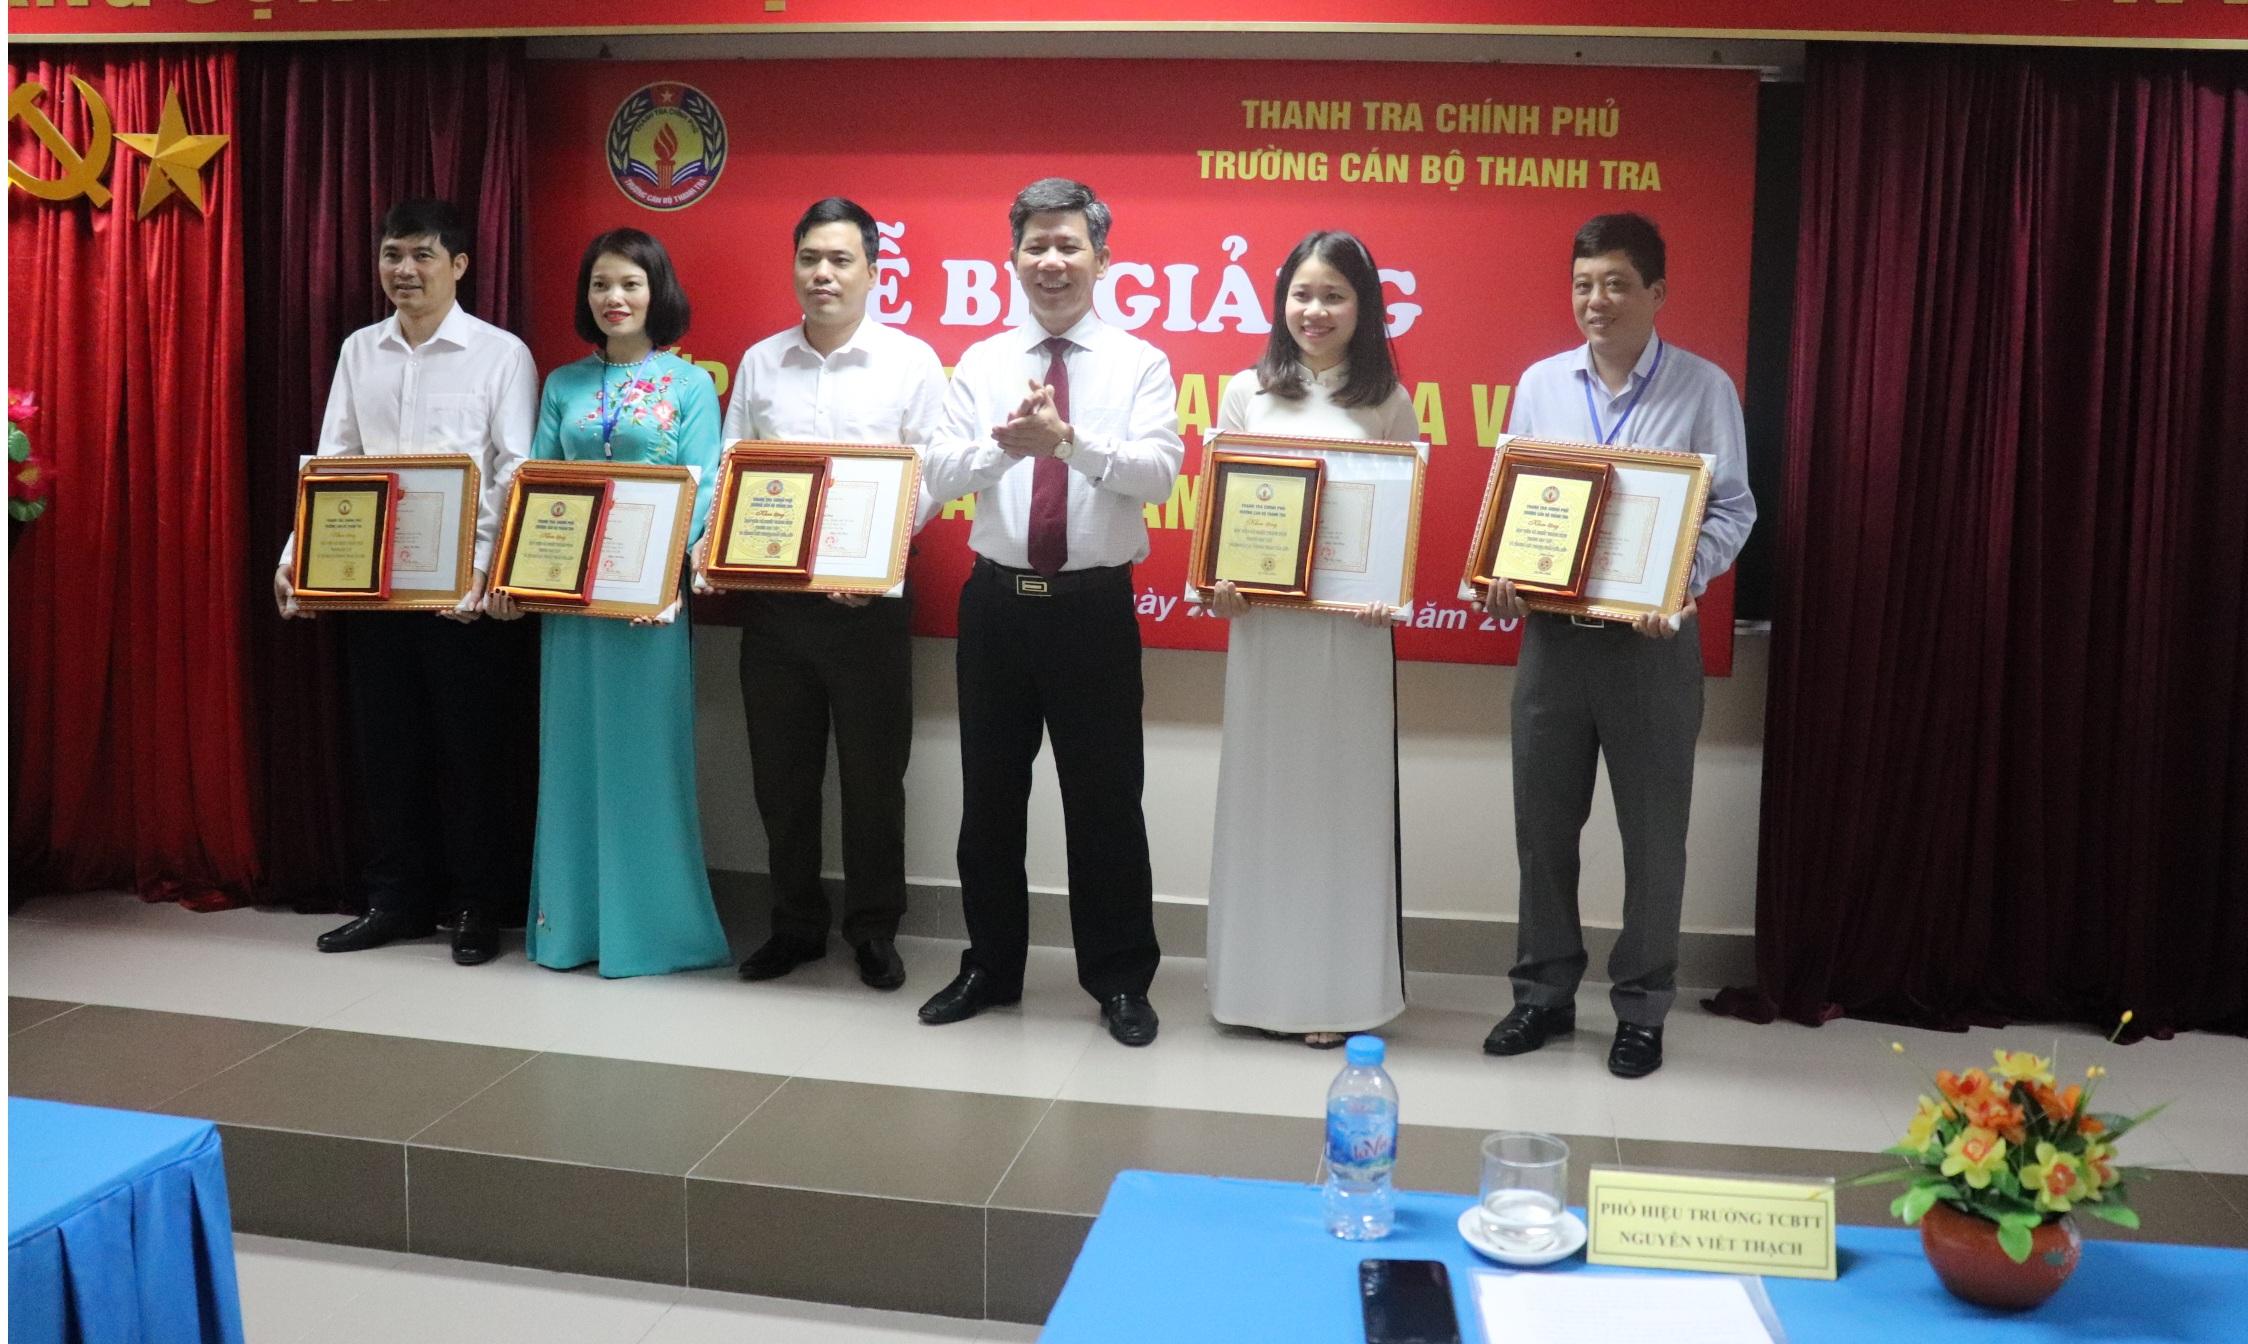 Ông Nguyễn Viết Thạch Phó Hiệu trưởng nhà trường tra Giấy khen cho Học viên